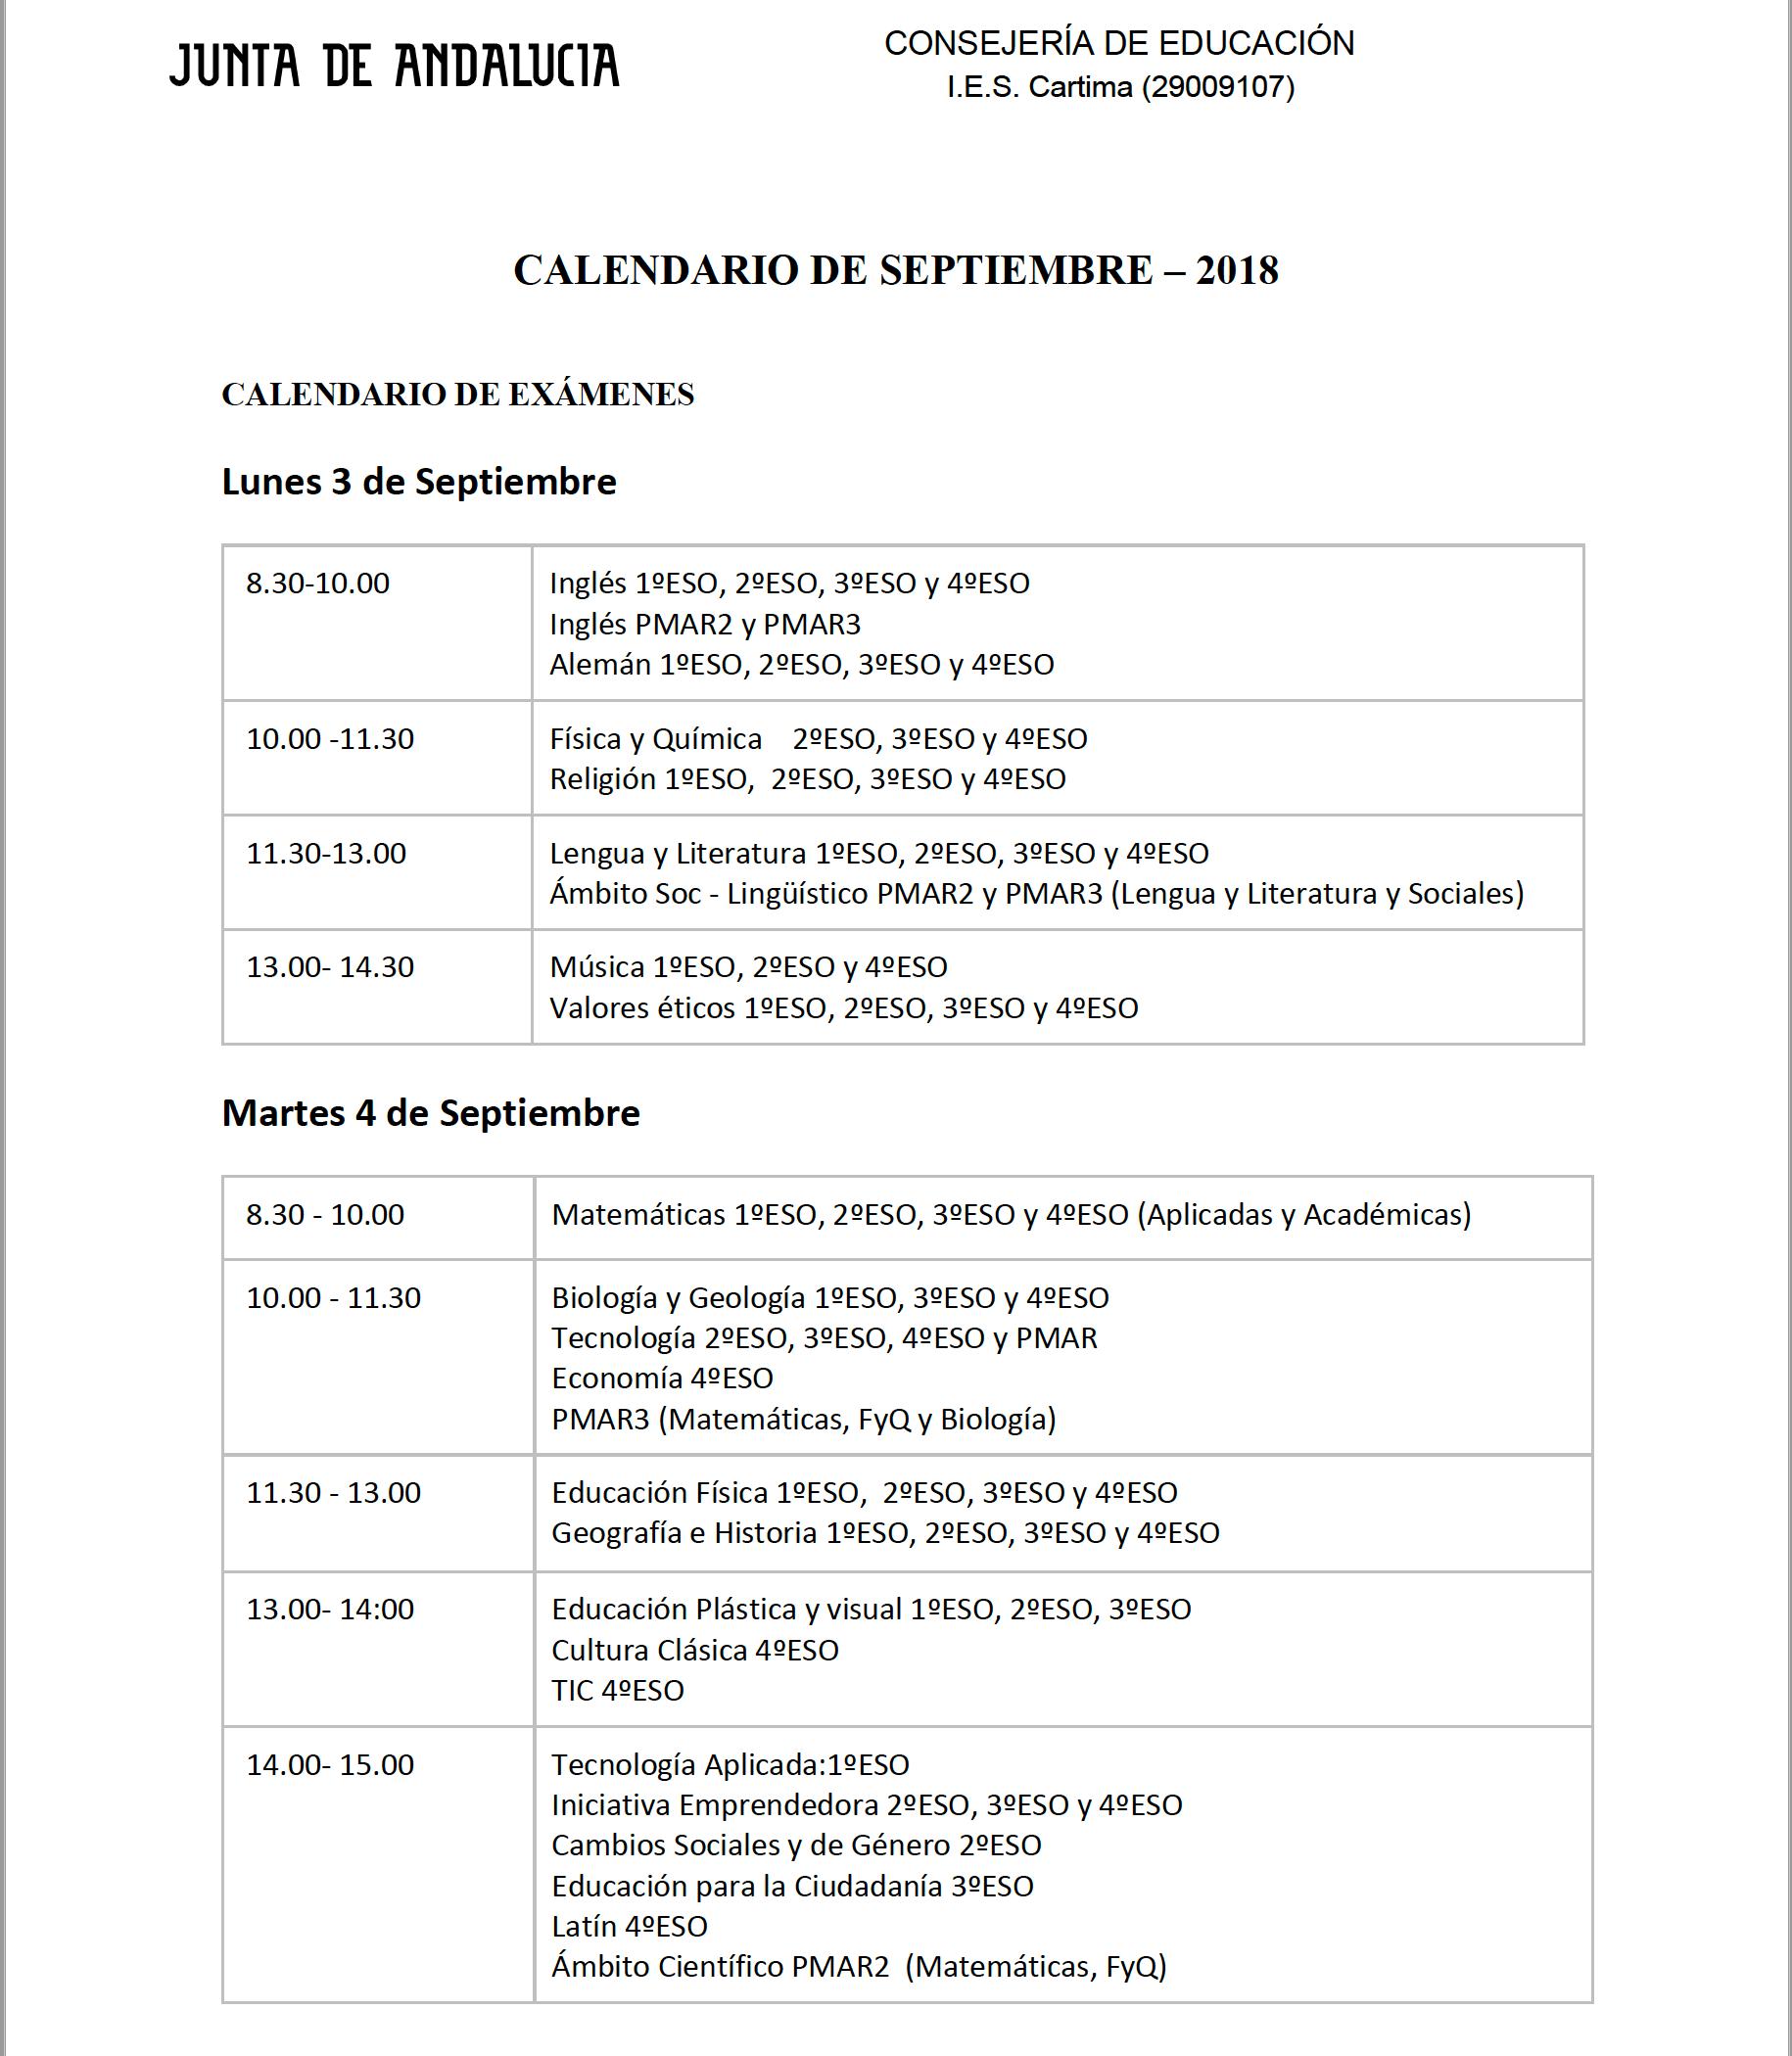 Calendario De Septiembre.Calendario De Septiembre 2018 Proyecto Cartama